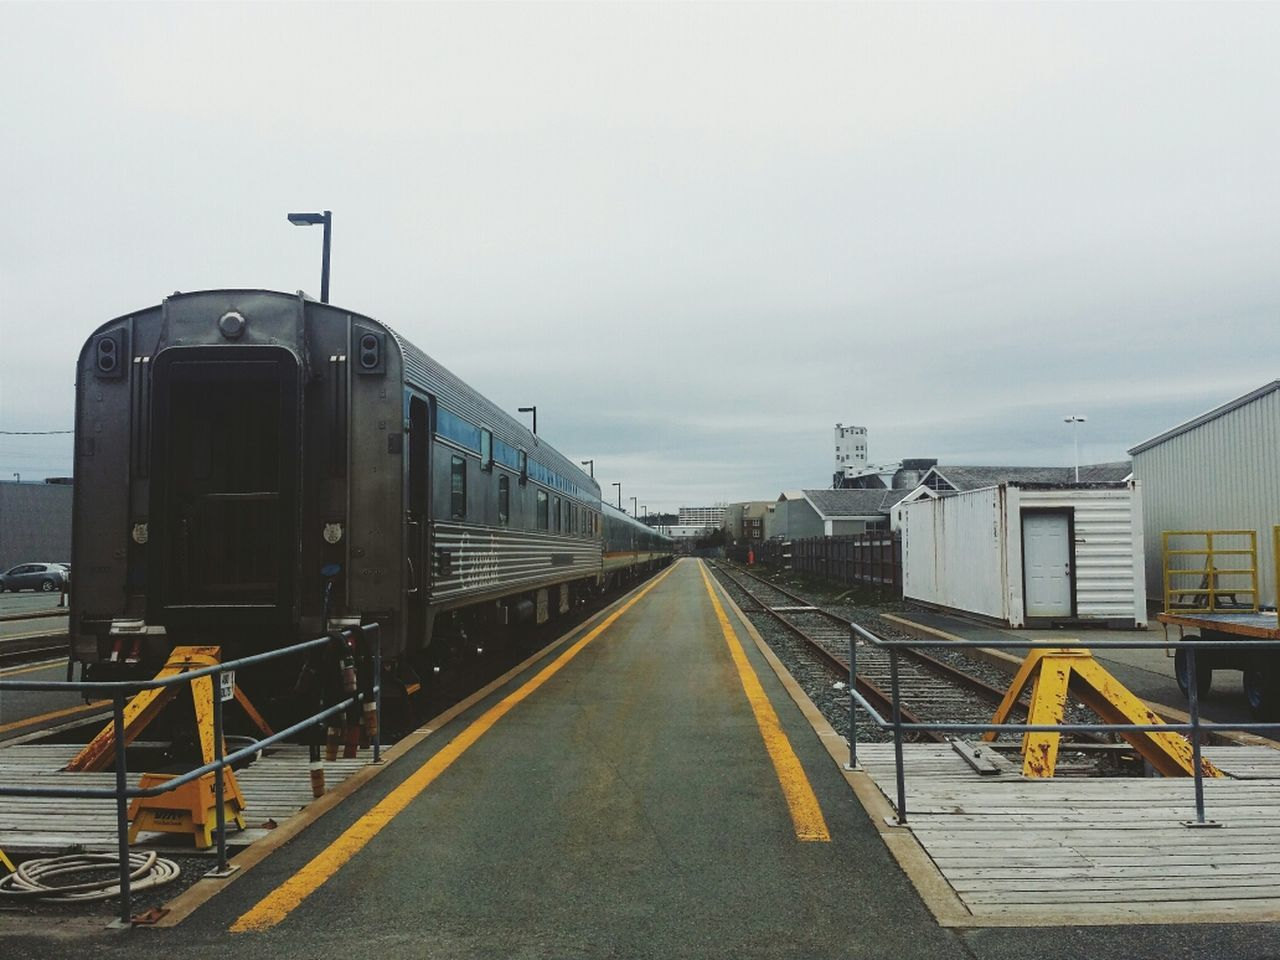 Halifax Trainstation Train Film